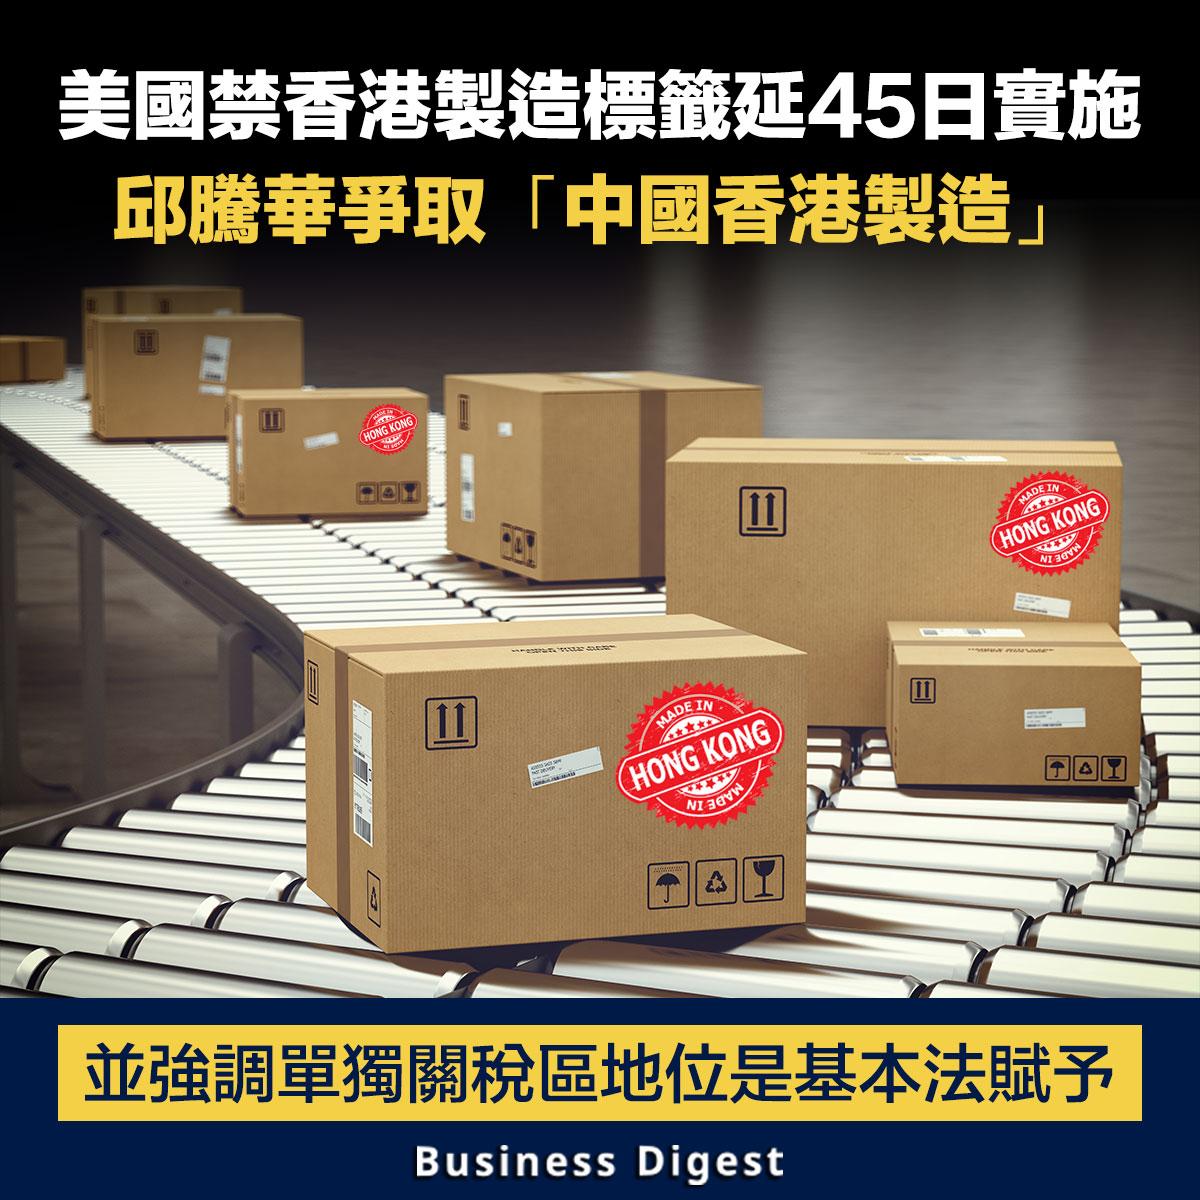 【商業熱話】美國禁香港製造標籤延45日實施,邱騰華爭取「中國香港製造」